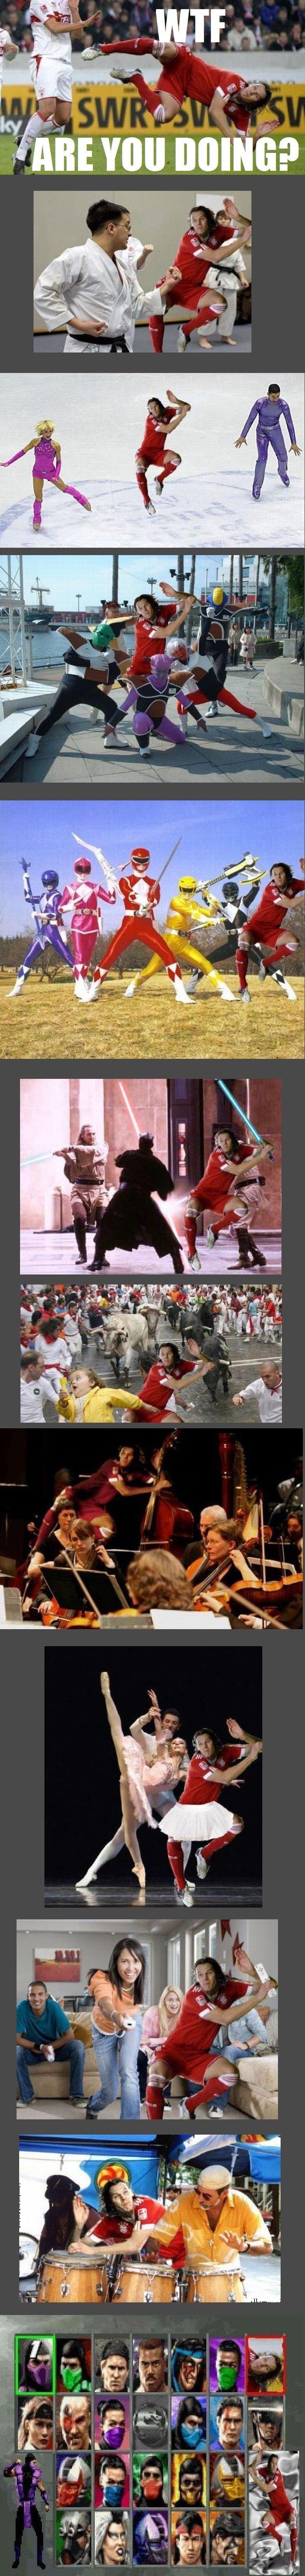 Daniel Van Buyten. Uploaded before, but it's just so funny!. daniel Van Buyten Photoshop epic fail hilarious